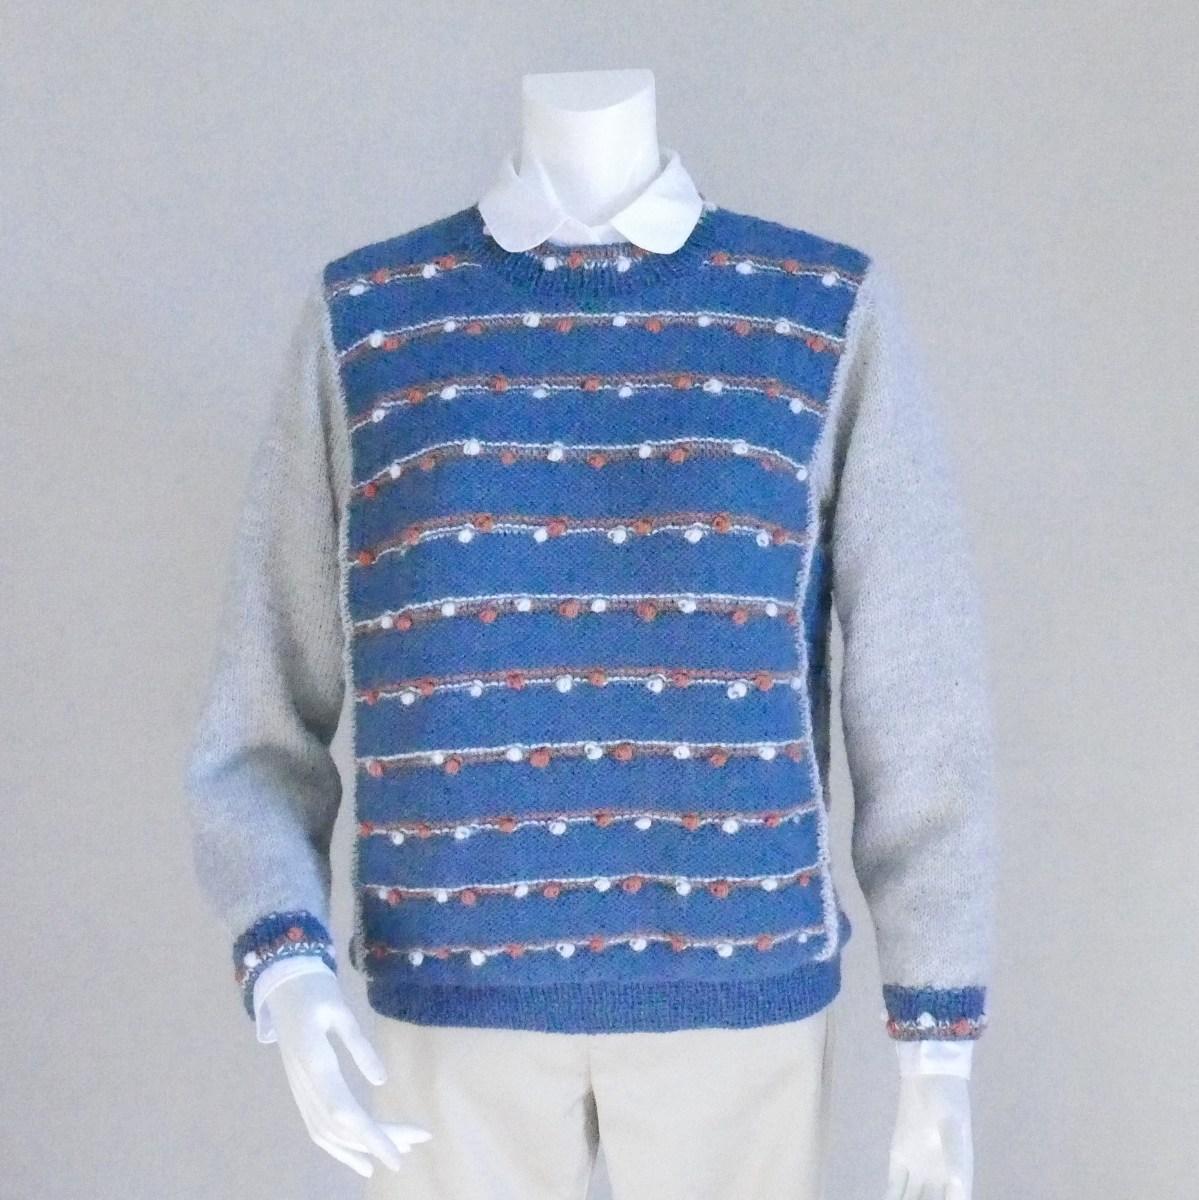 あざやかな色 楽しいドットが気分を引き立てます 100%品質保証! トシエ アルパカ Mサイズ セーター 手編み 予約販売 てあみ天国